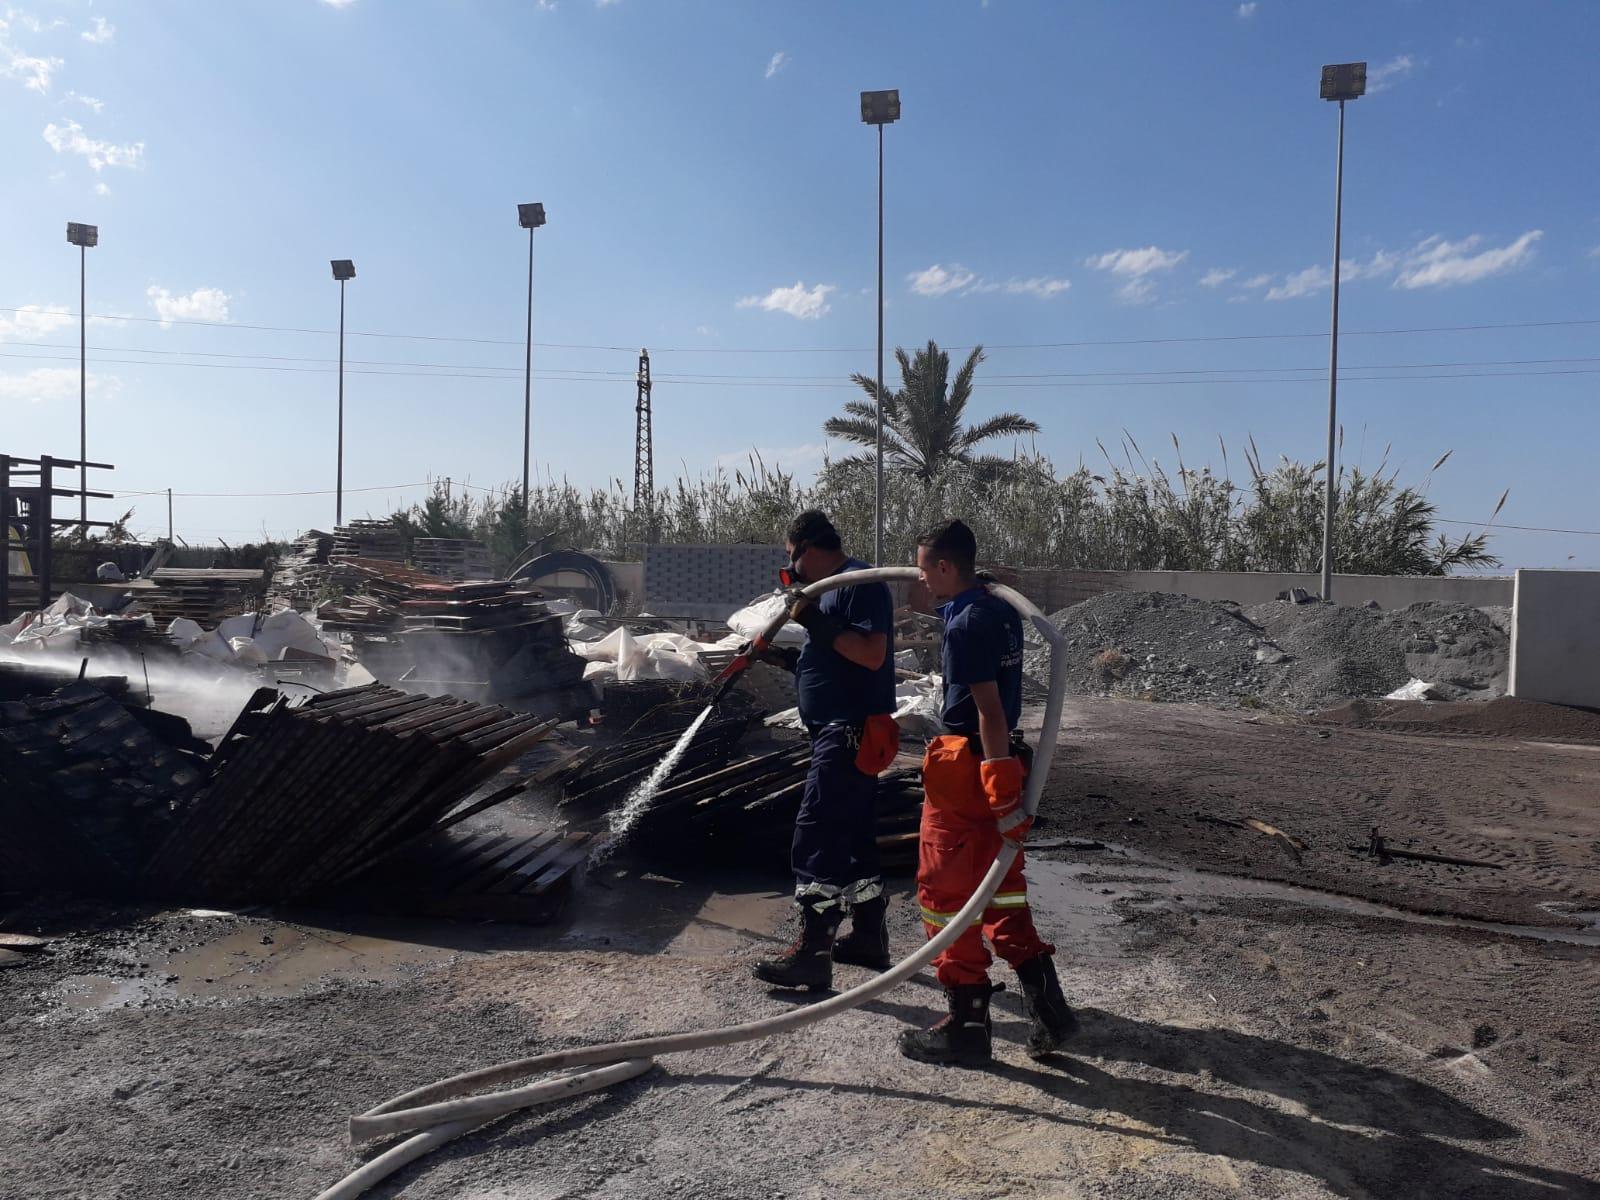 Incendi in tutta la provincia: fiamme anche a Termini Imerese e Cefalù